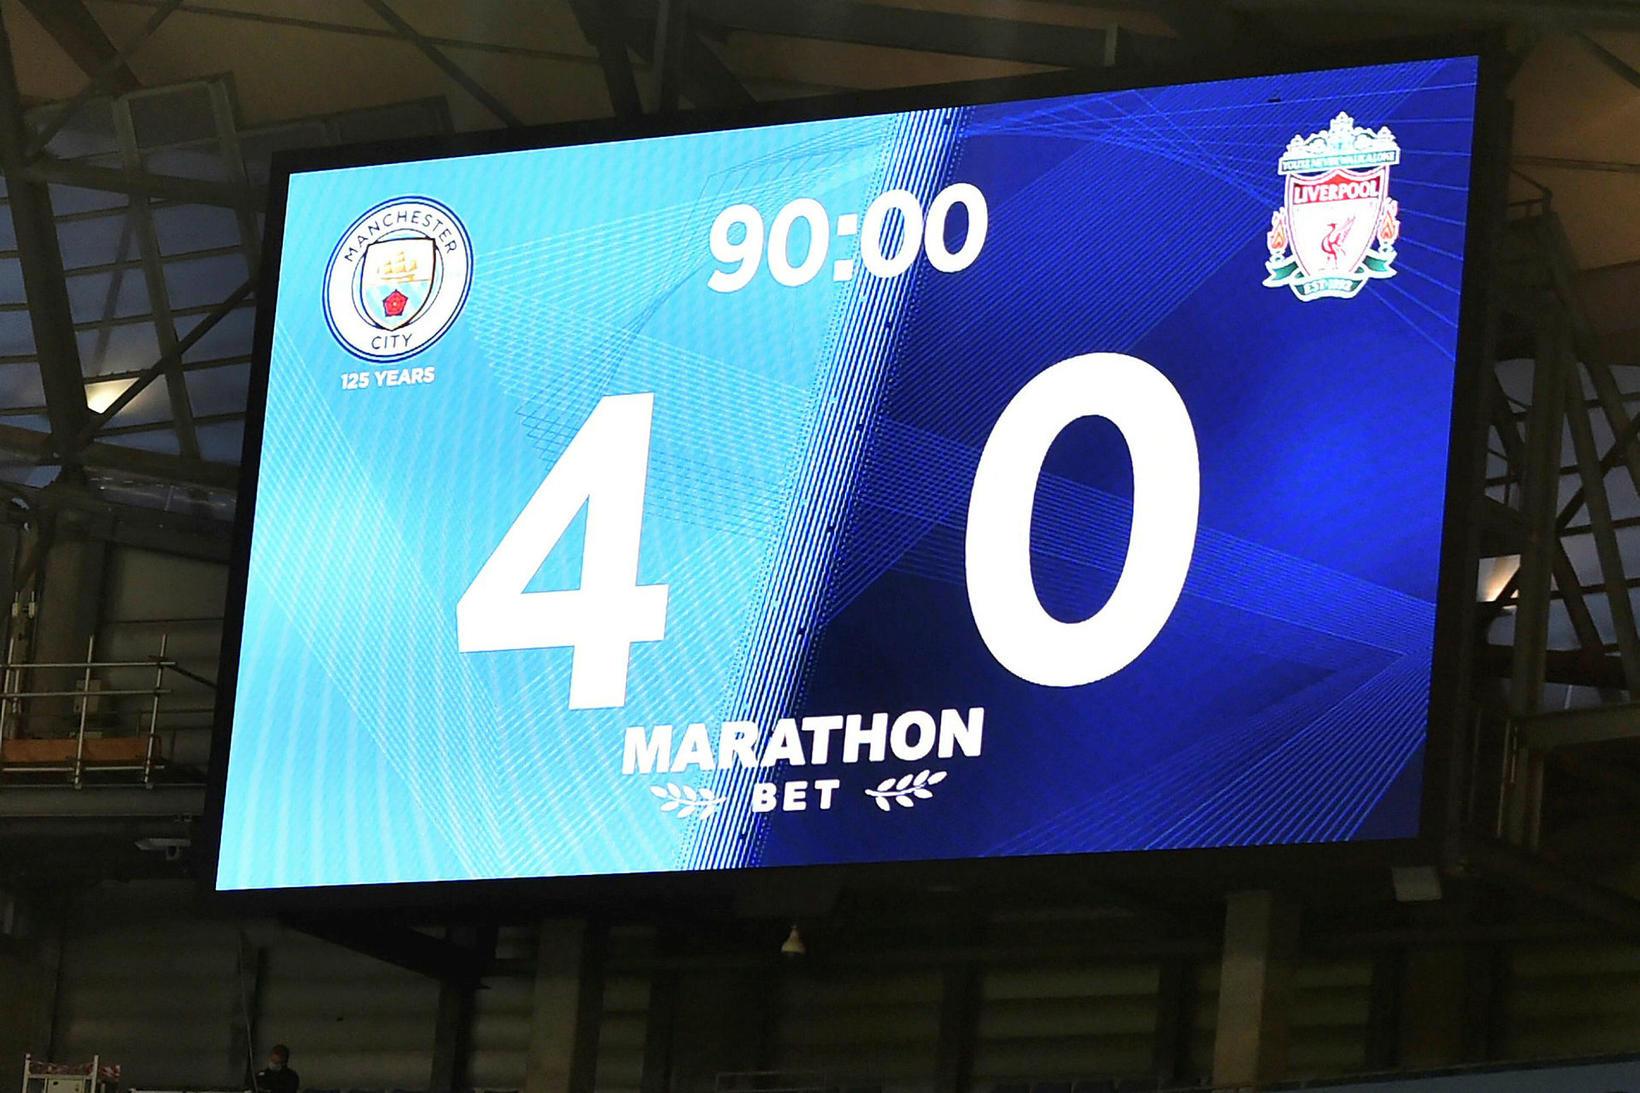 Manchester City vann stórsigur gegn Liverpool í ensku úrvalsdeildinni í …